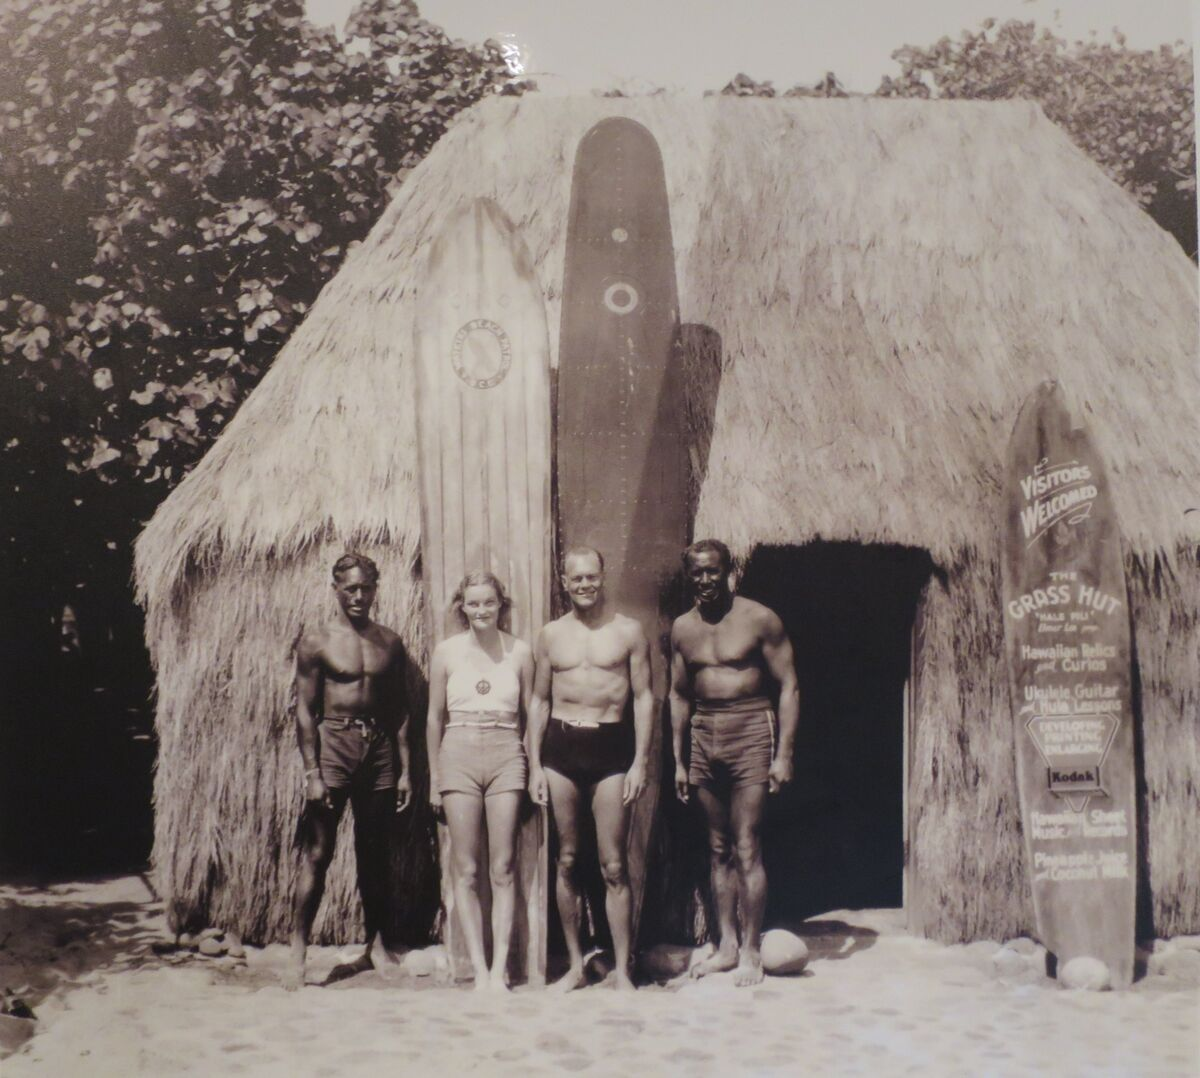 Sam Kahanamoku, Doris Duke, James Cromwell, and Chick Daniels in Waikiki. Photo via Wikimedia Commons.